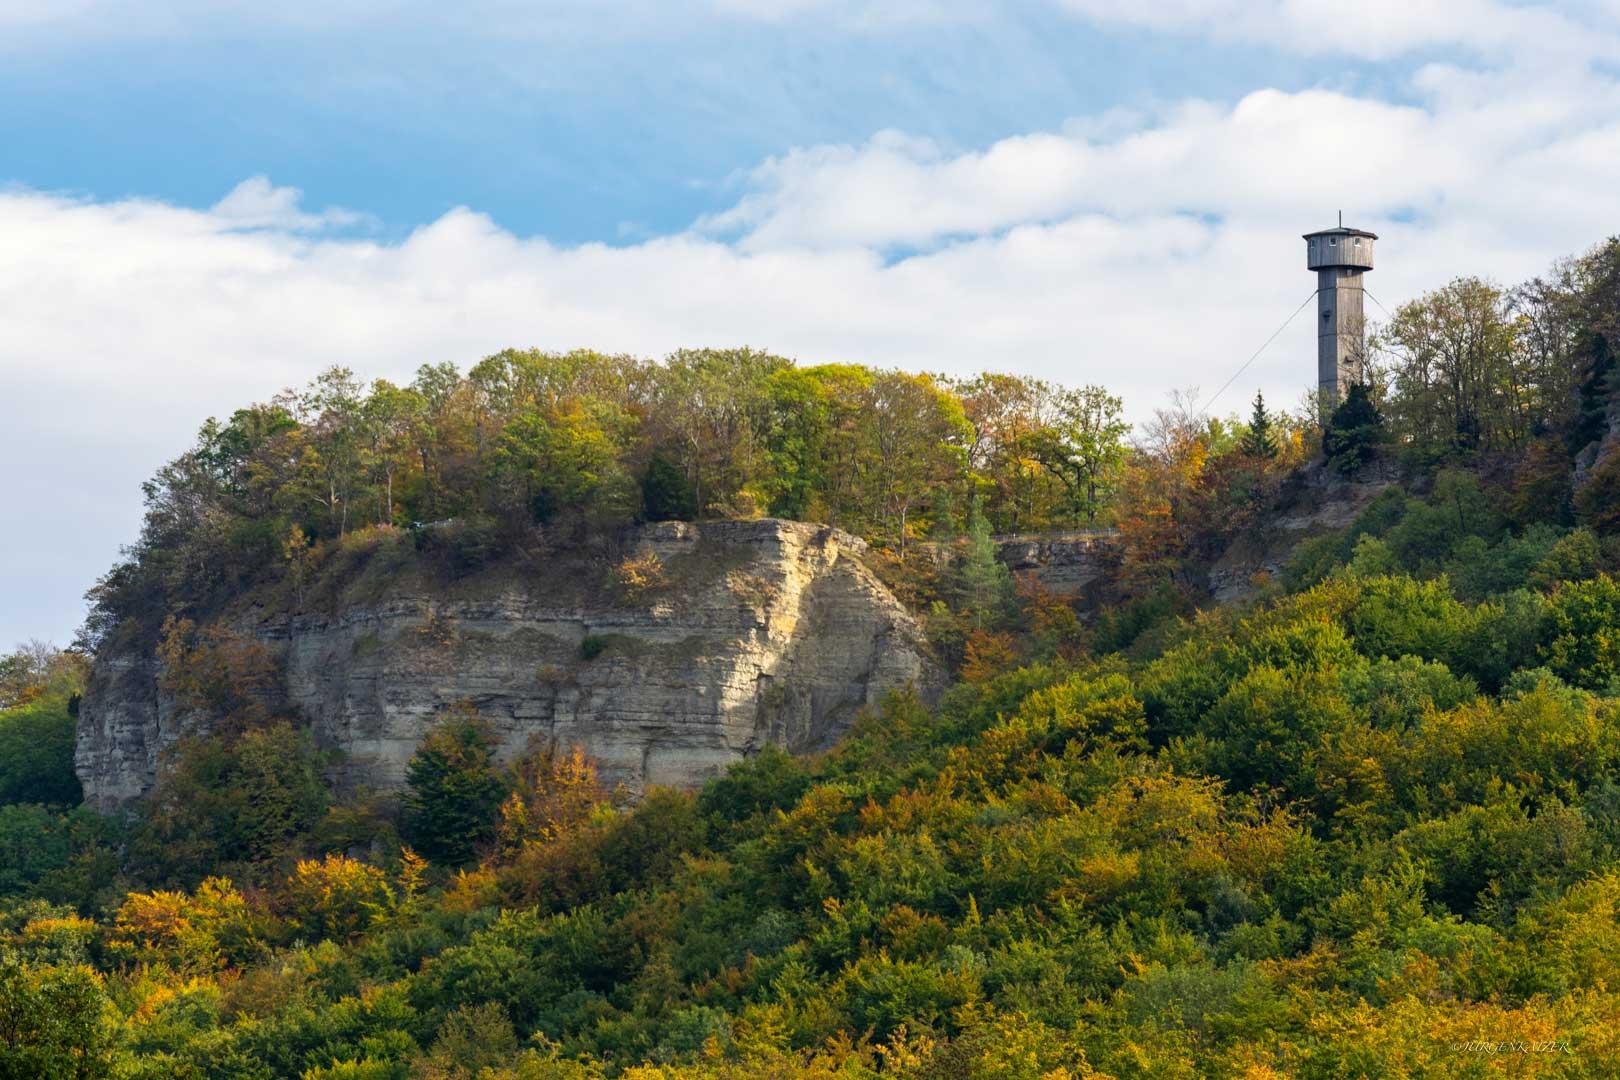 Heldrastein mit Turm der Einheit